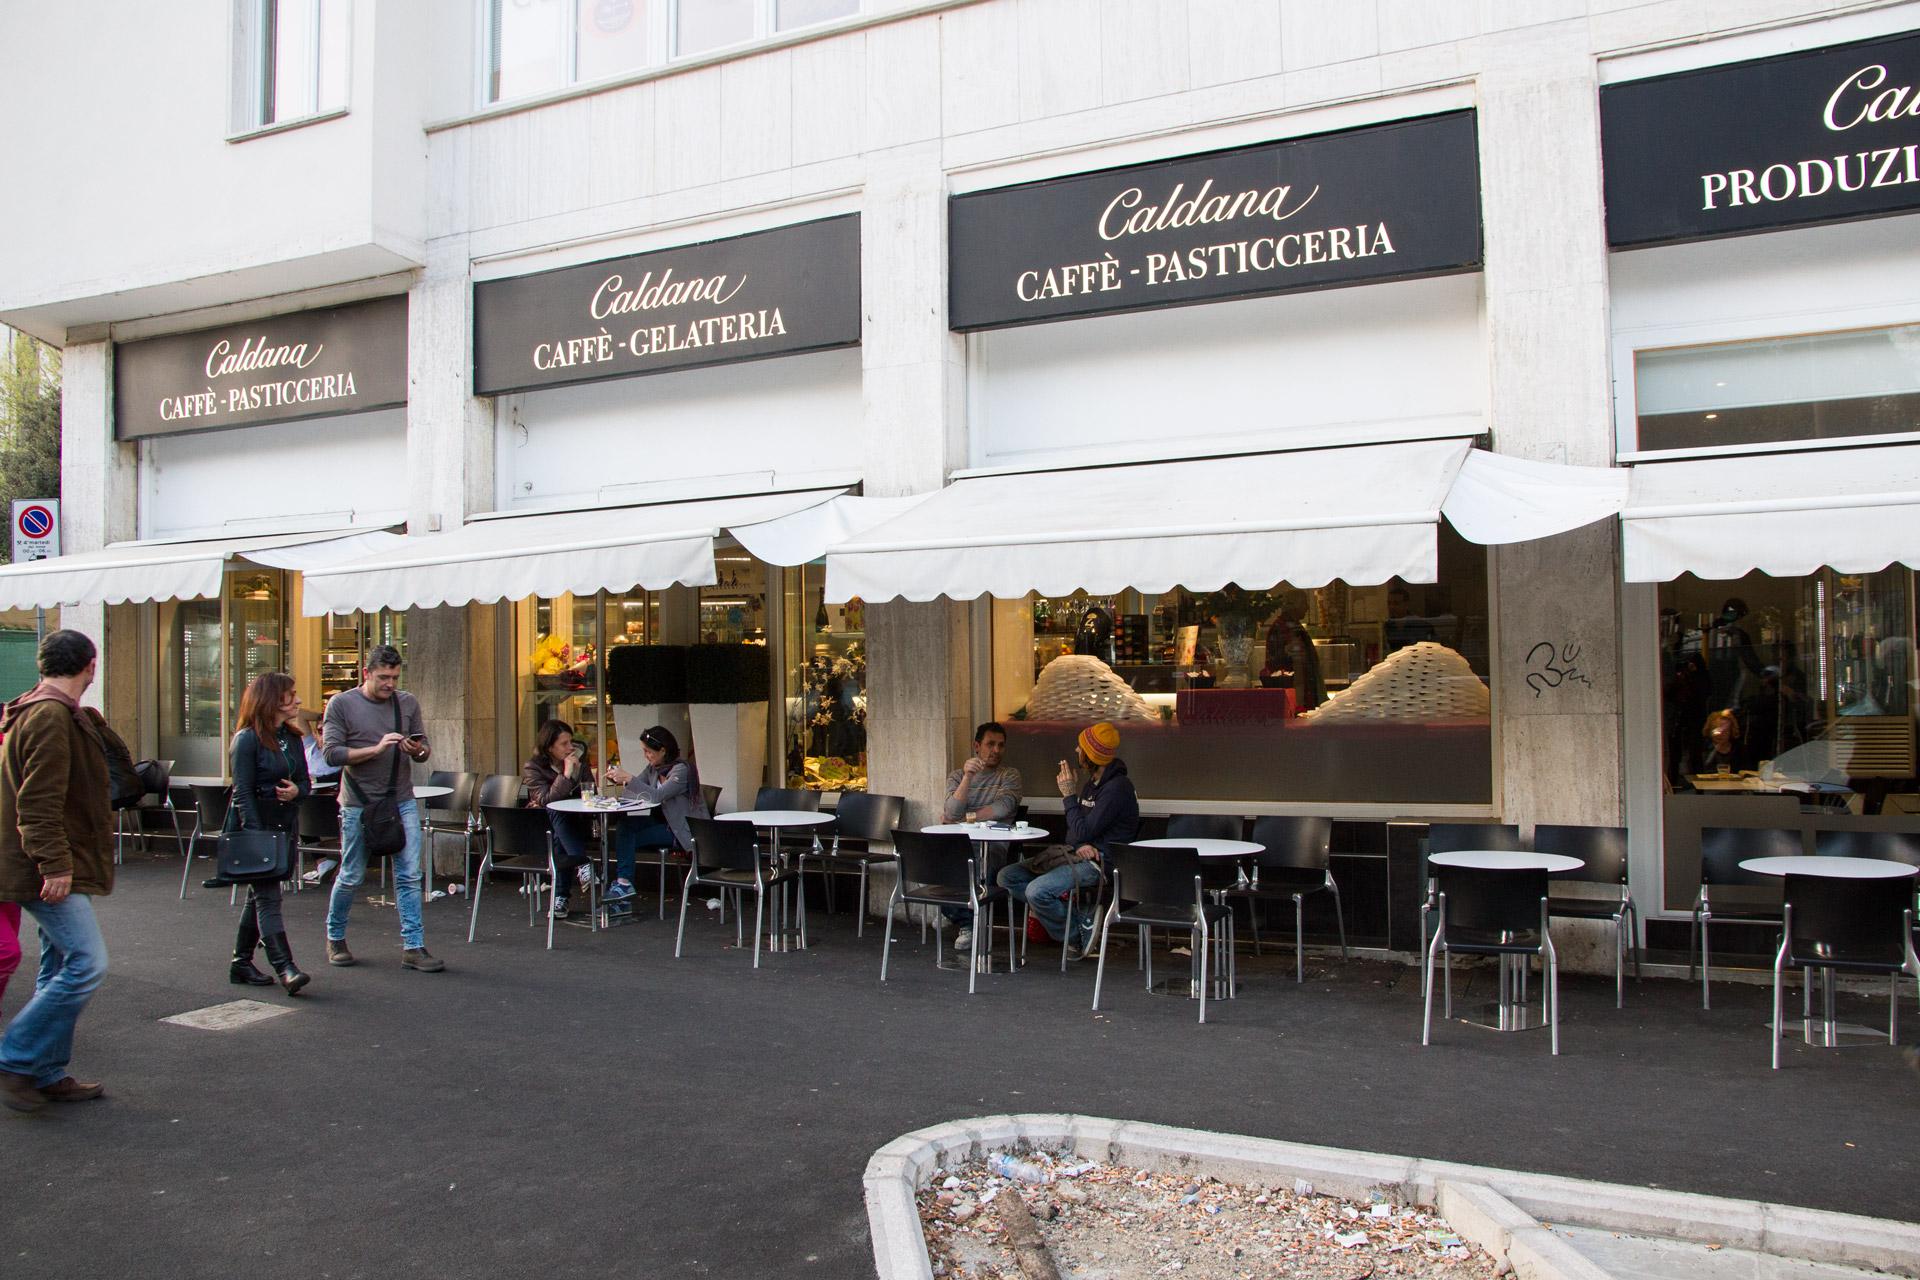 La 'ndrangheta investiva nei locali vip di FirenzeSequestrati beni ad esponenti cosca del Crotonese